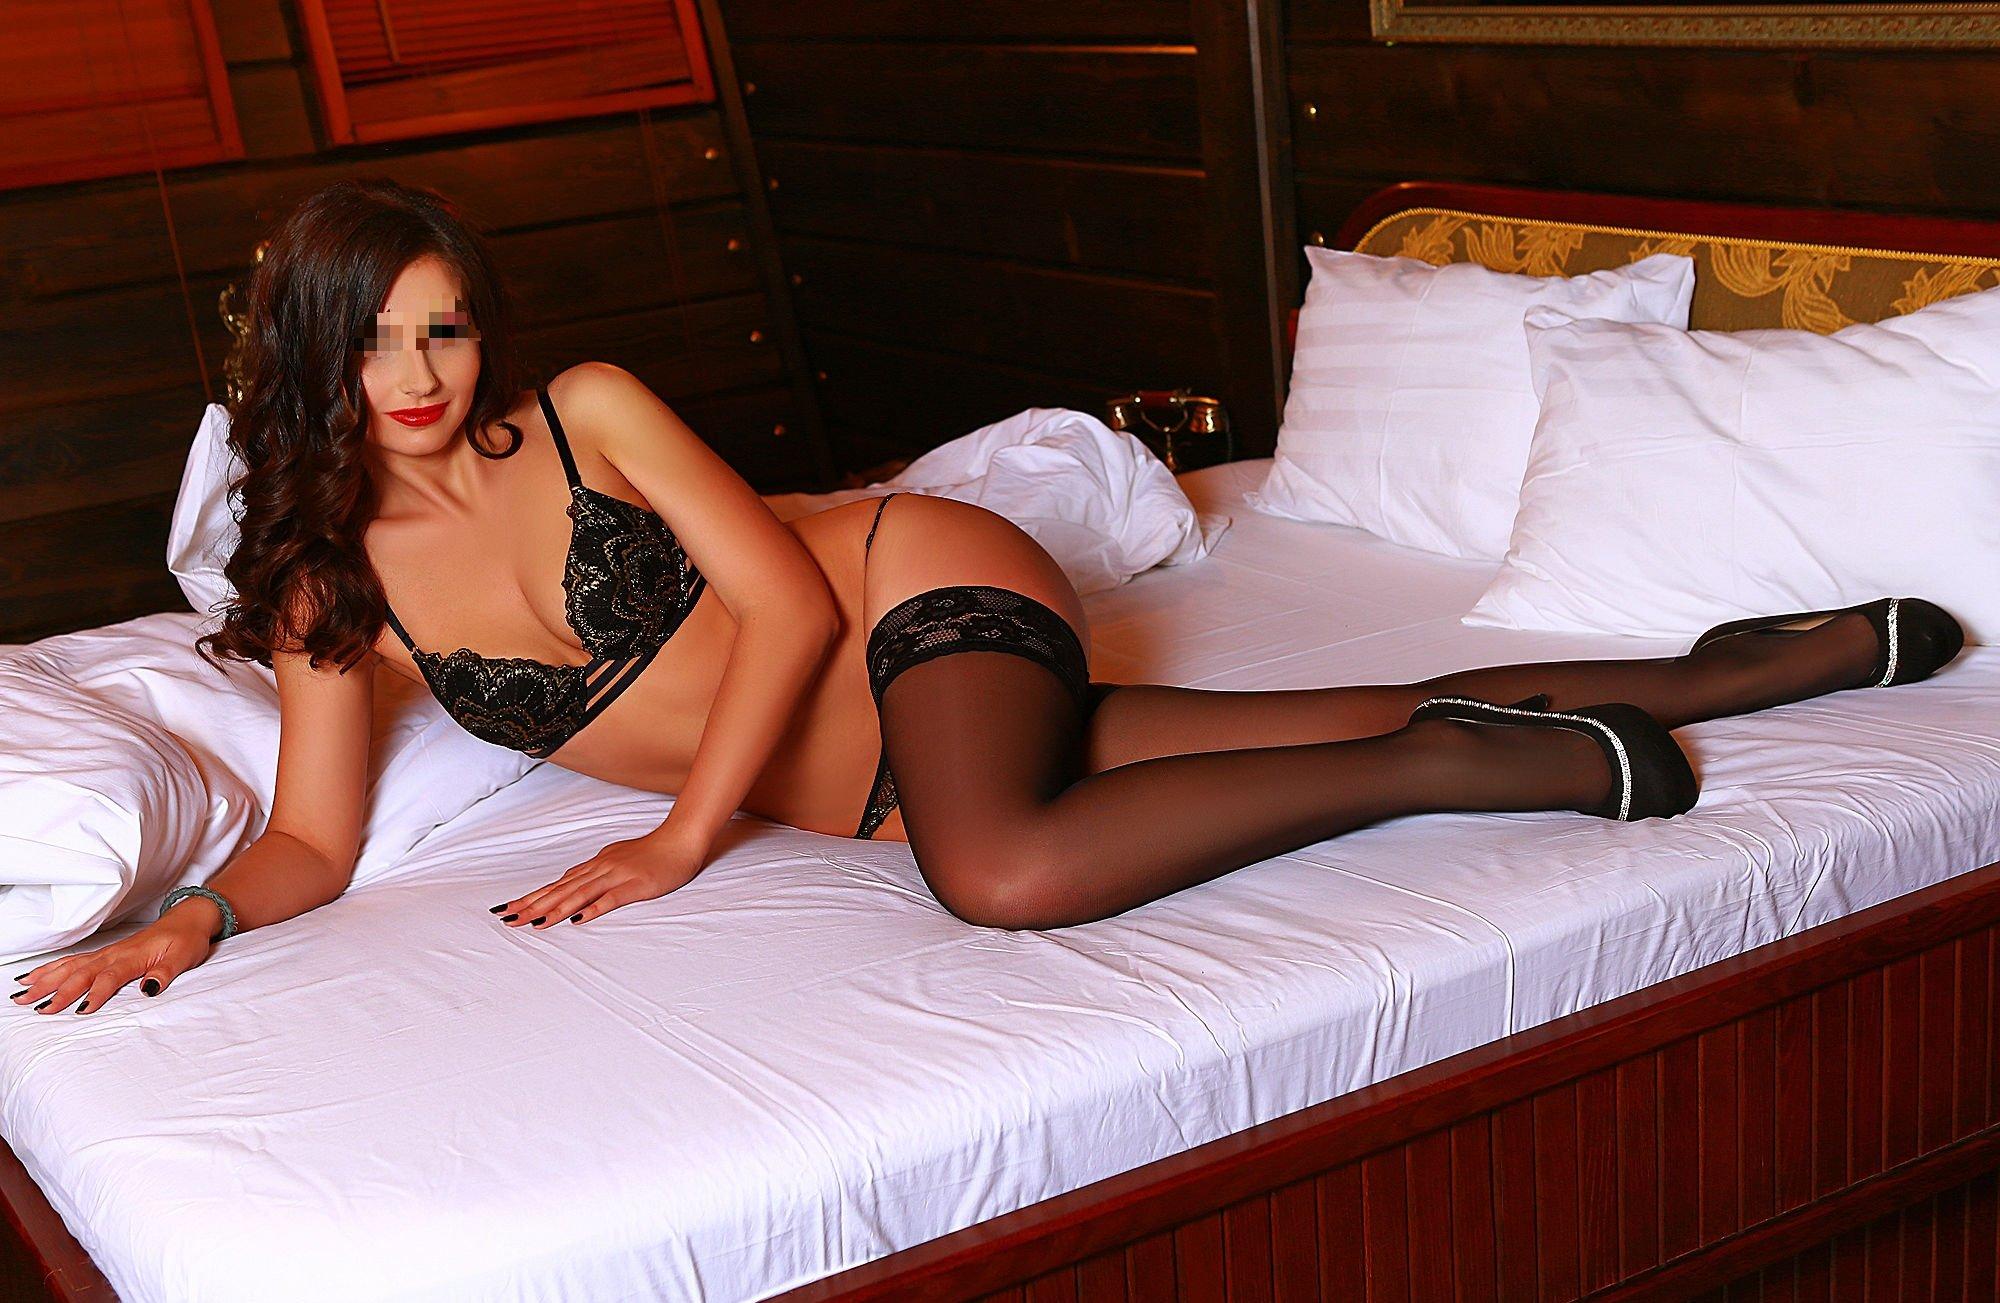 Досуг города проститутки ярцево видео